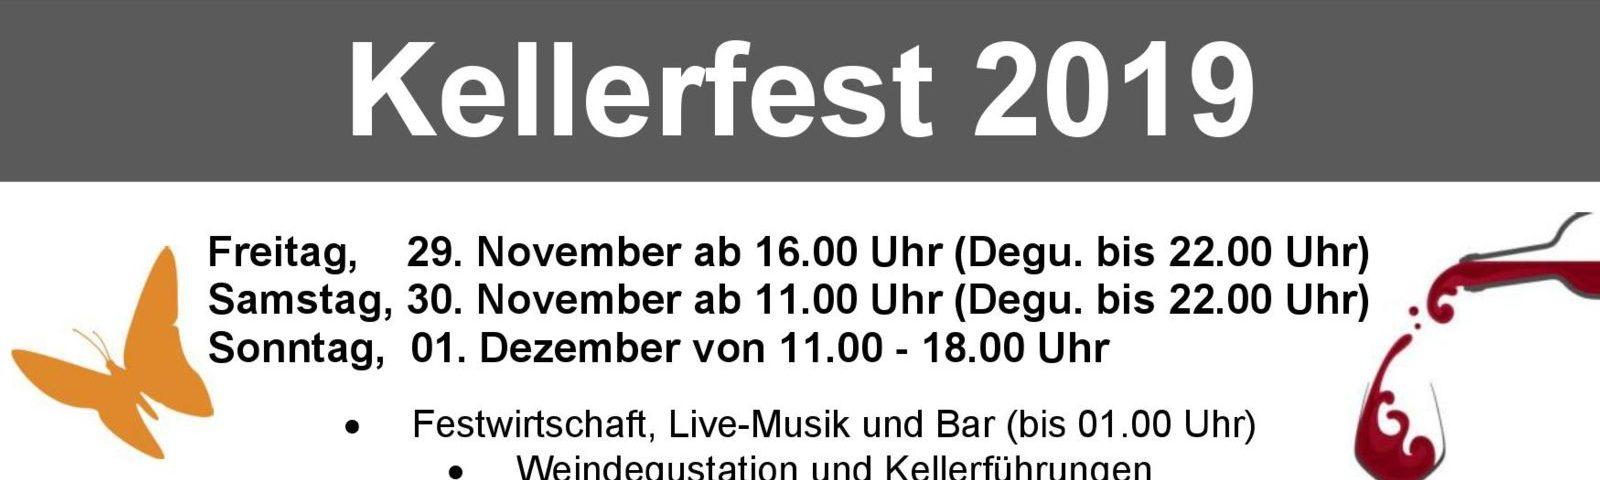 Kellerfest